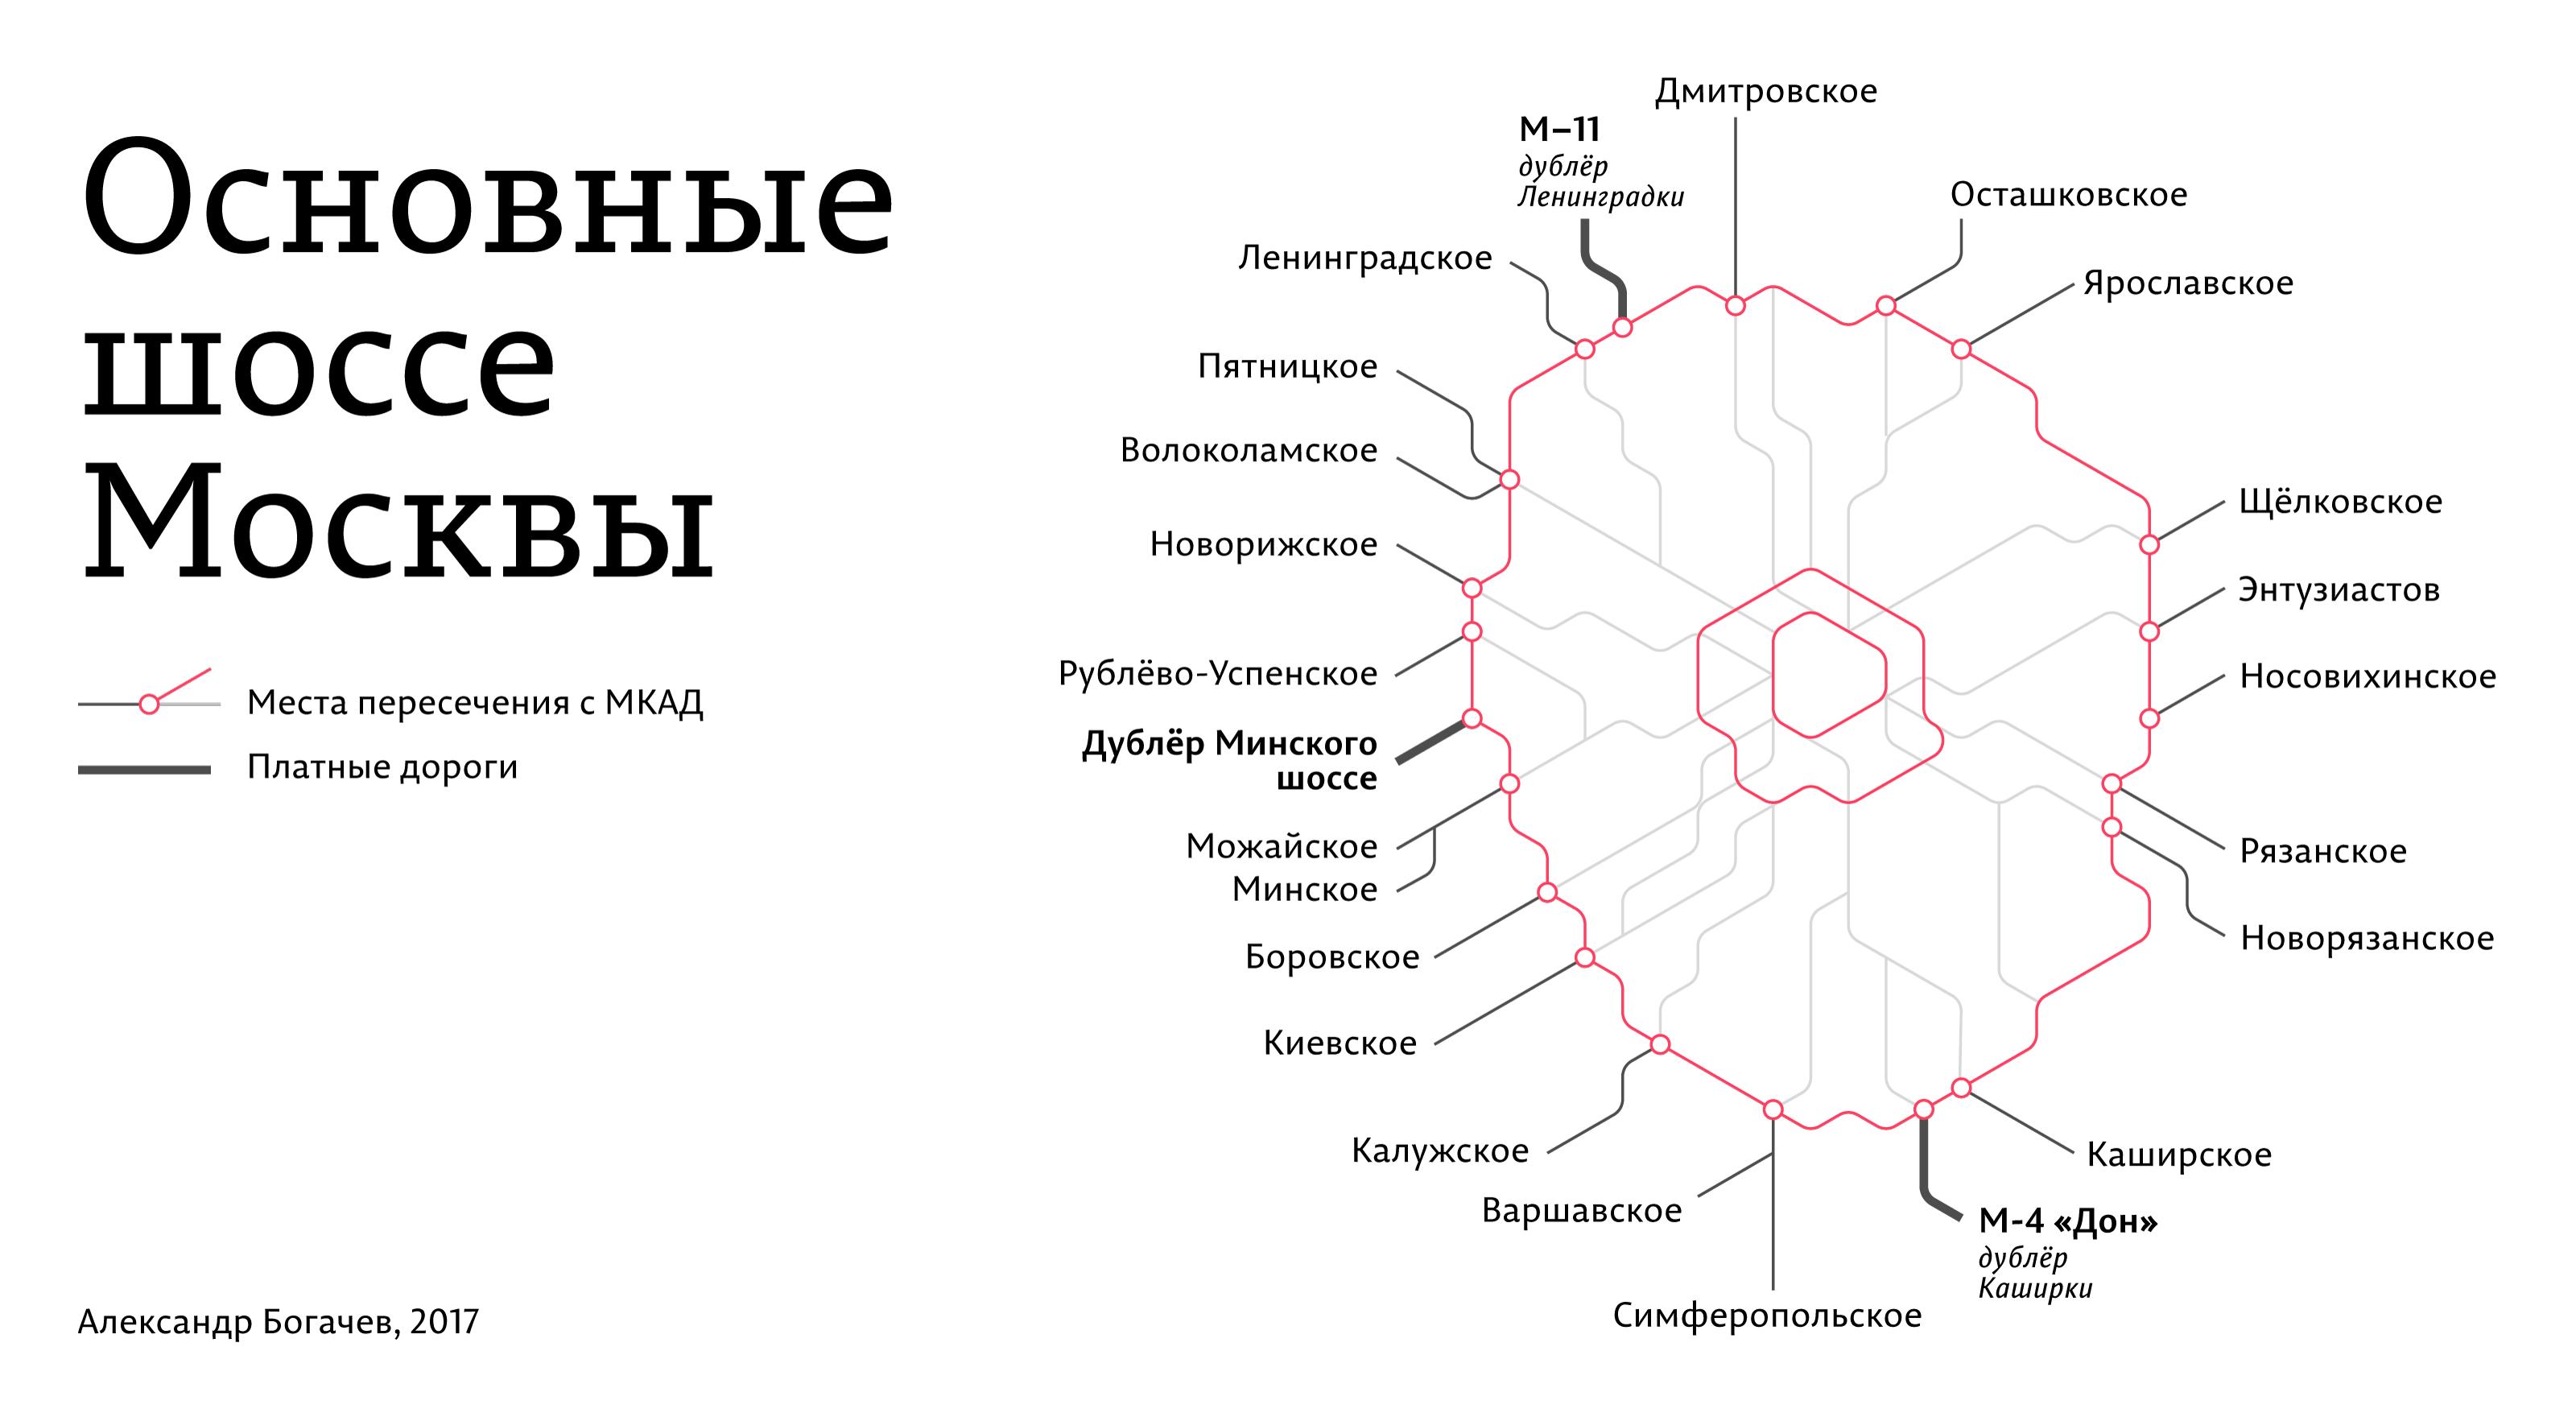 Московские шоссе. Карта. Схема. Шоссе Москвы